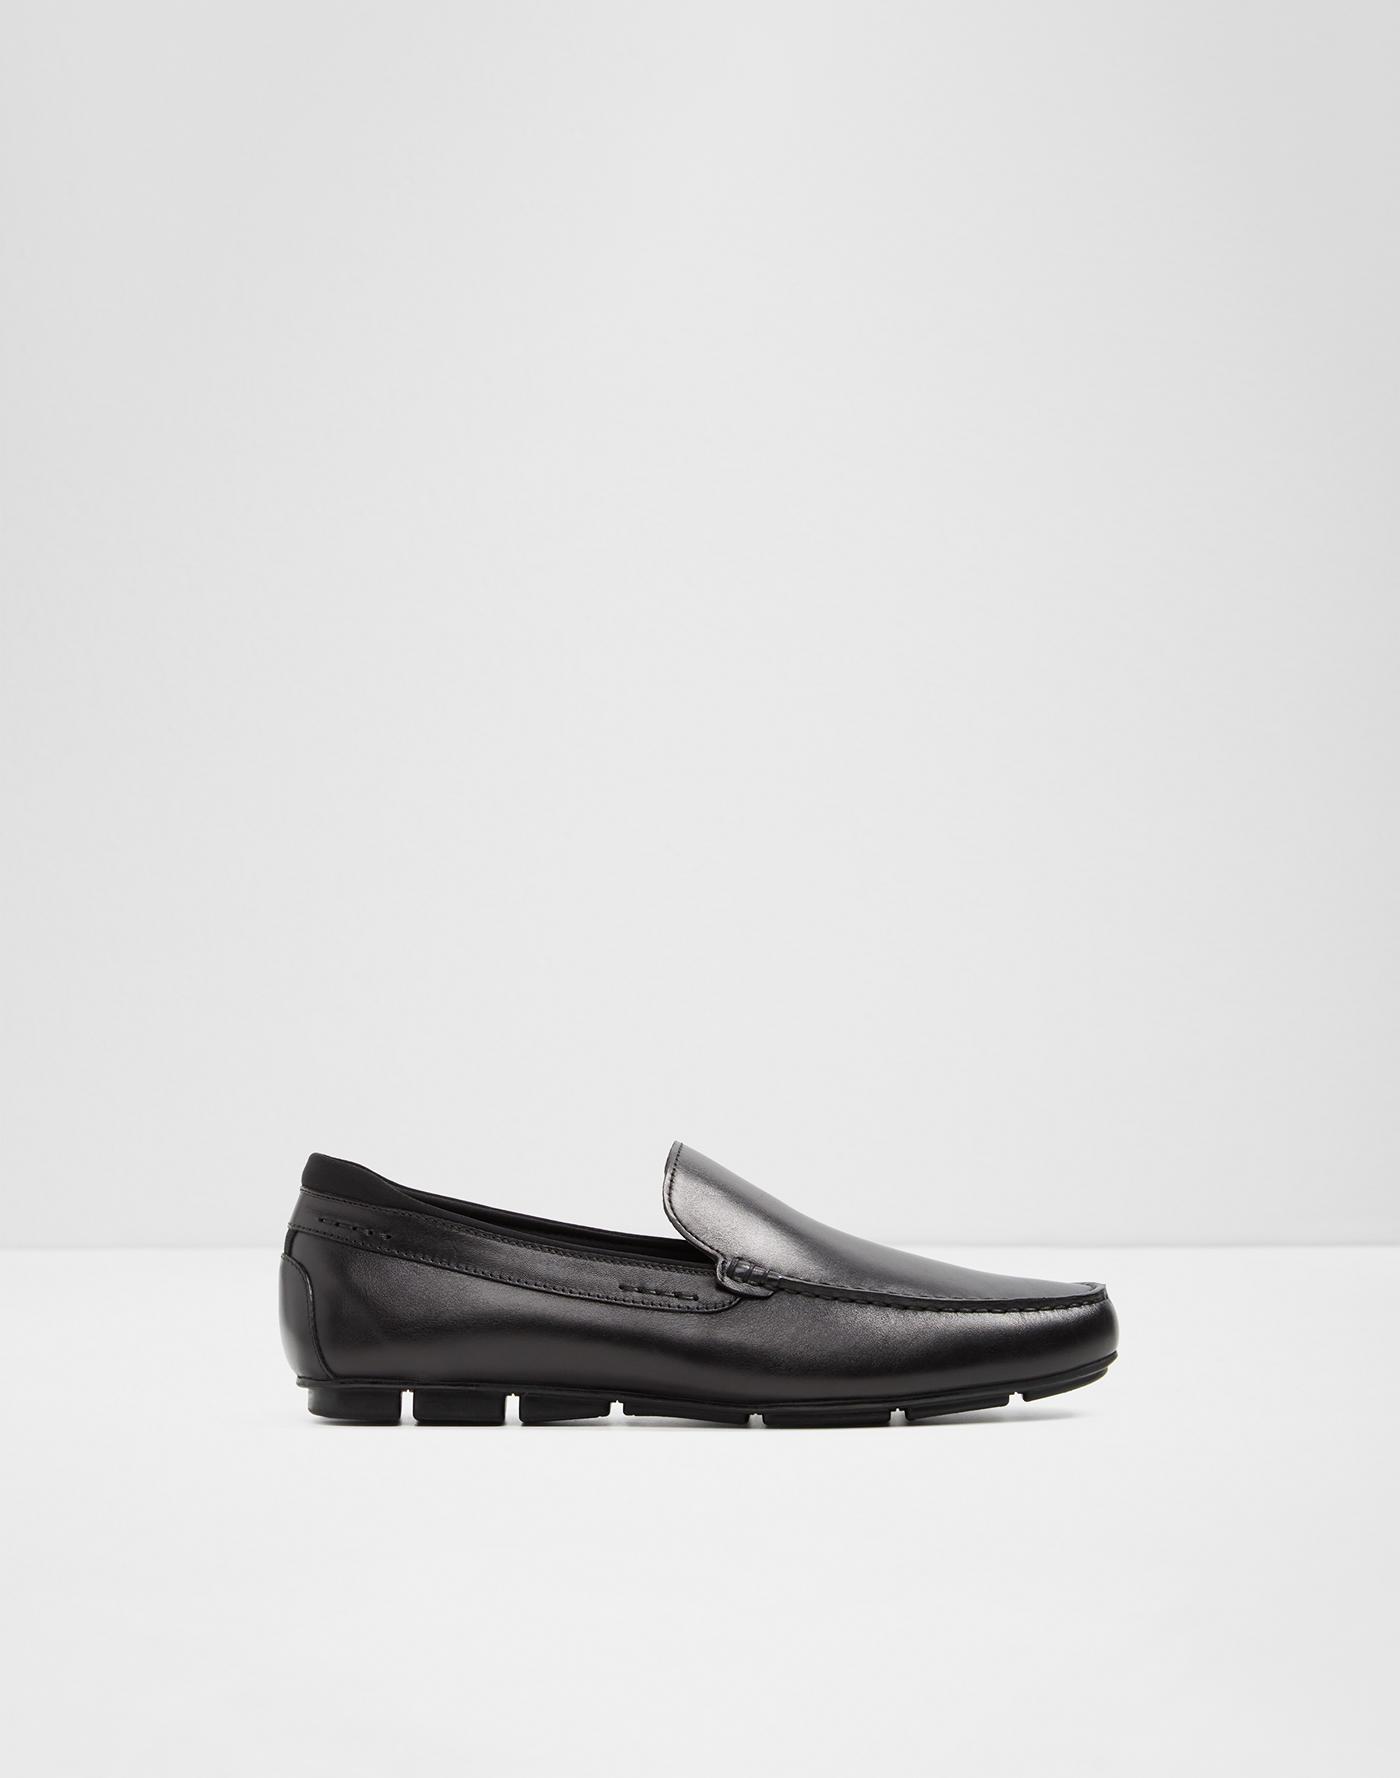 super cute limited sale a few days away Clearance Men's Shoes & Bags | ALDO US | Aldoshoes.com US